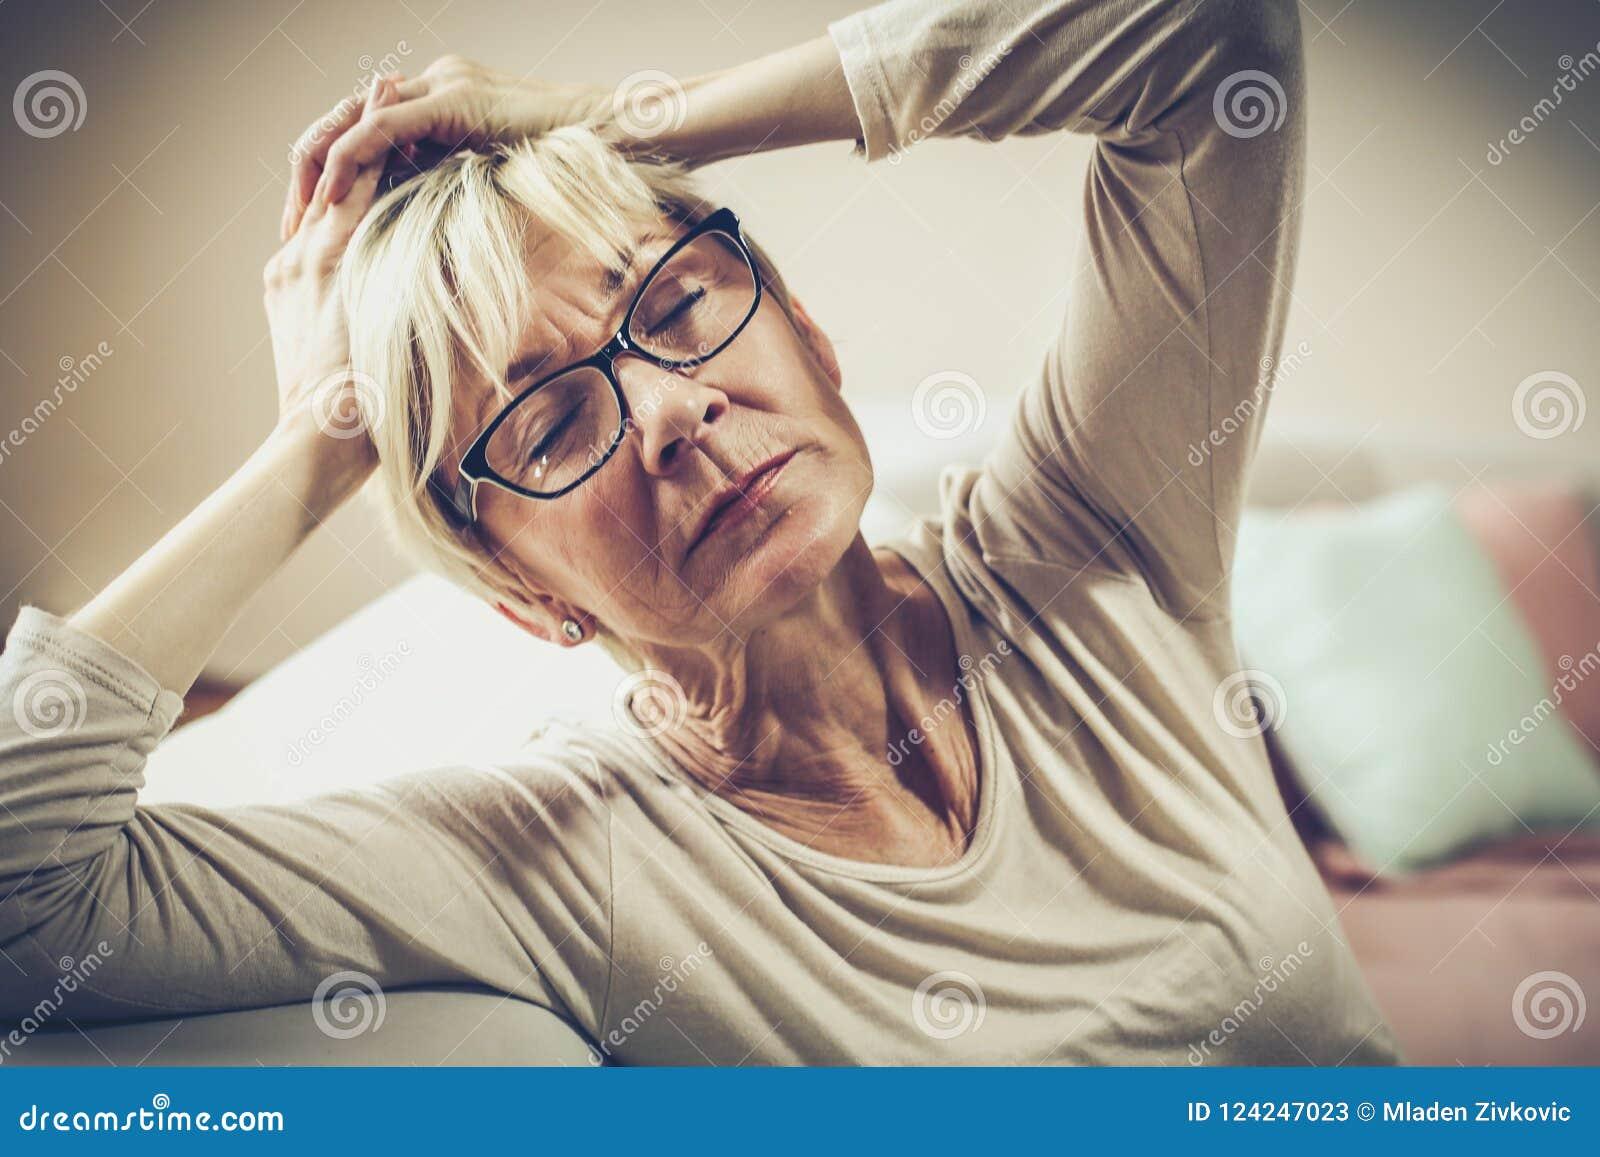 Migrena tworzy problemy